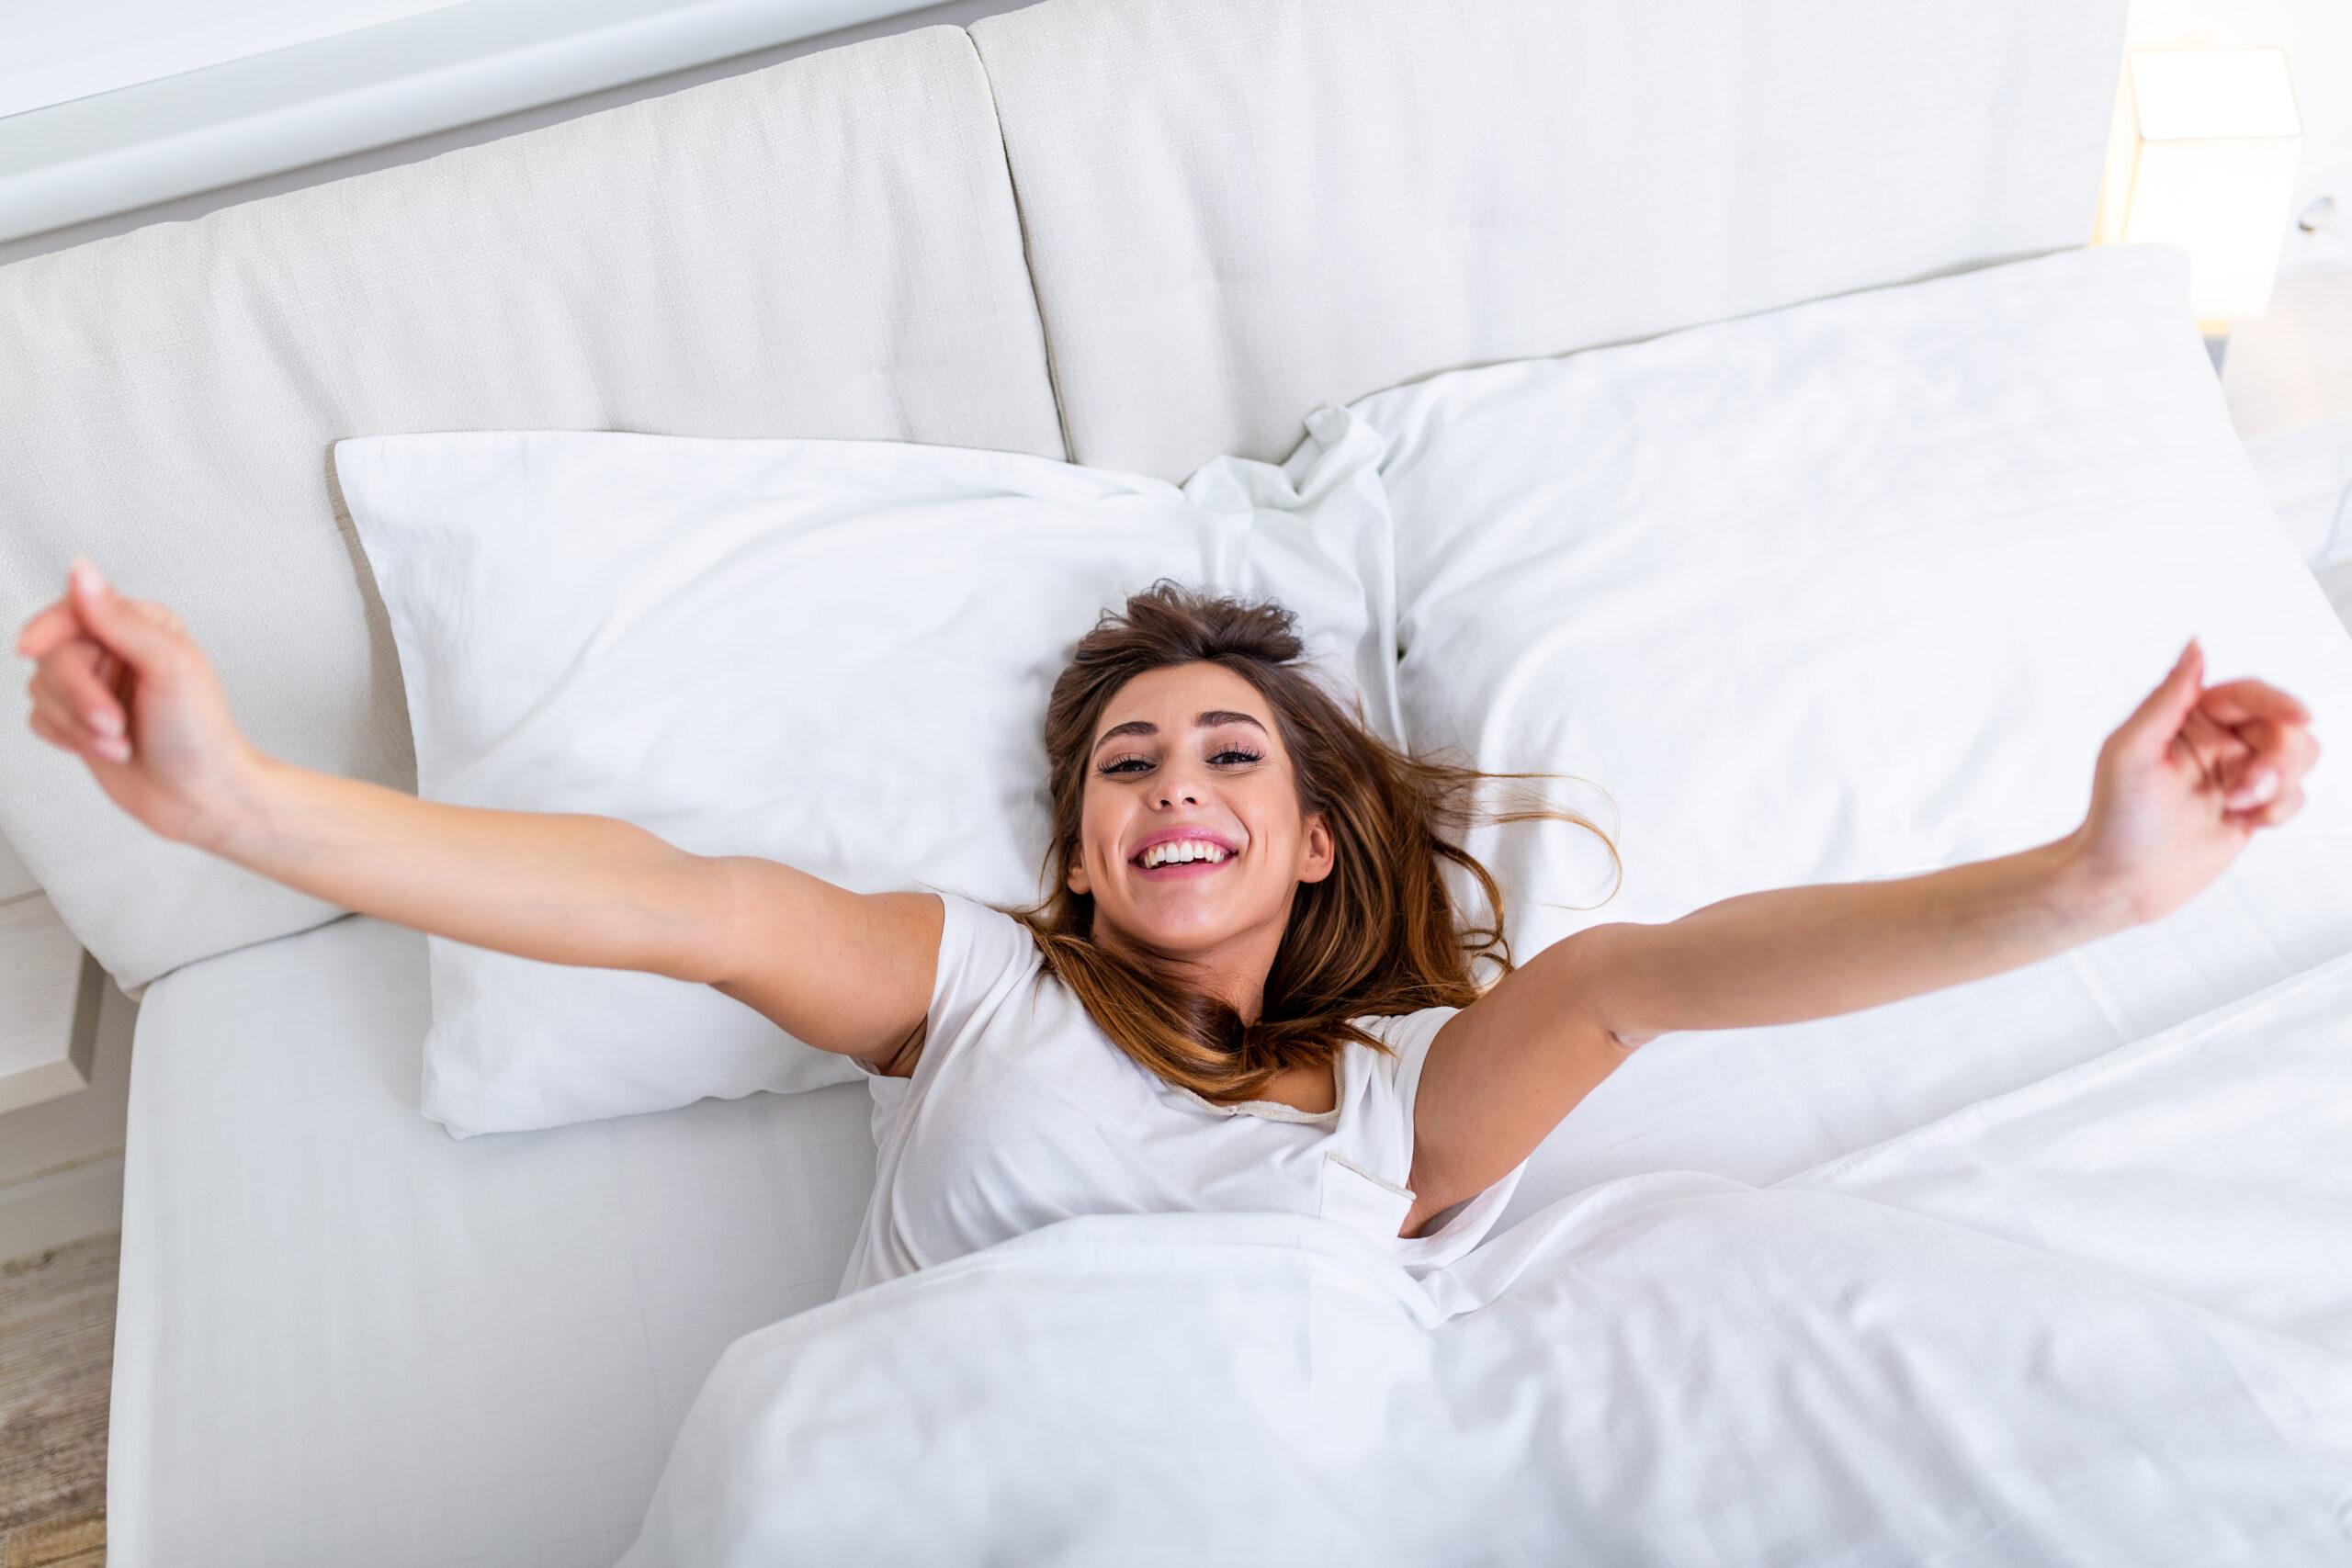 Higiene del sueño: Qué es, pautas y por qué es importante